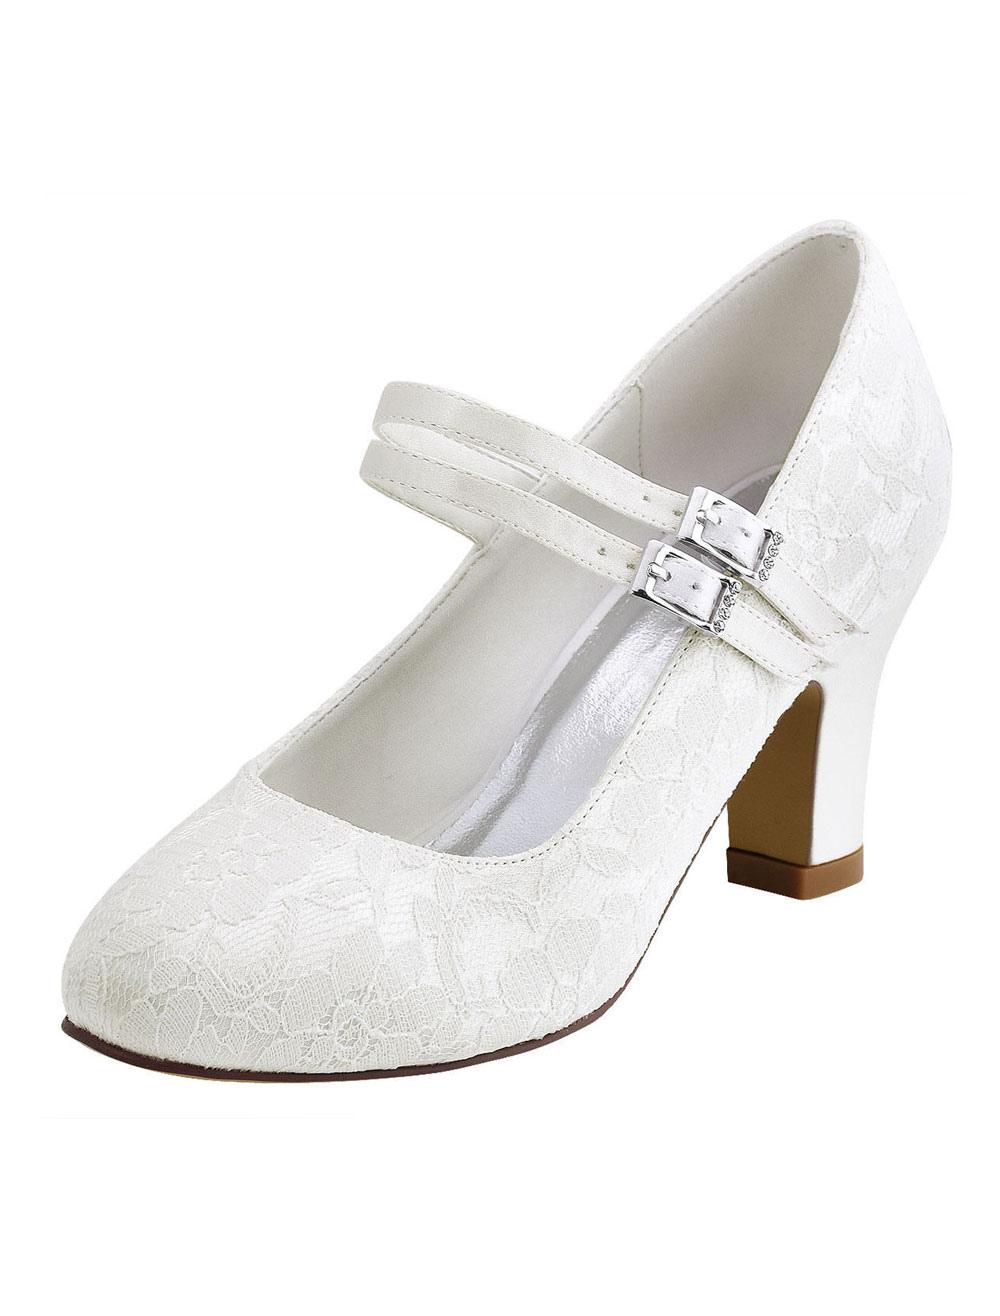 31685cd054a8 Chaussures de Mariage   Chaussures de mariée - Magasinez les Derniers  styles